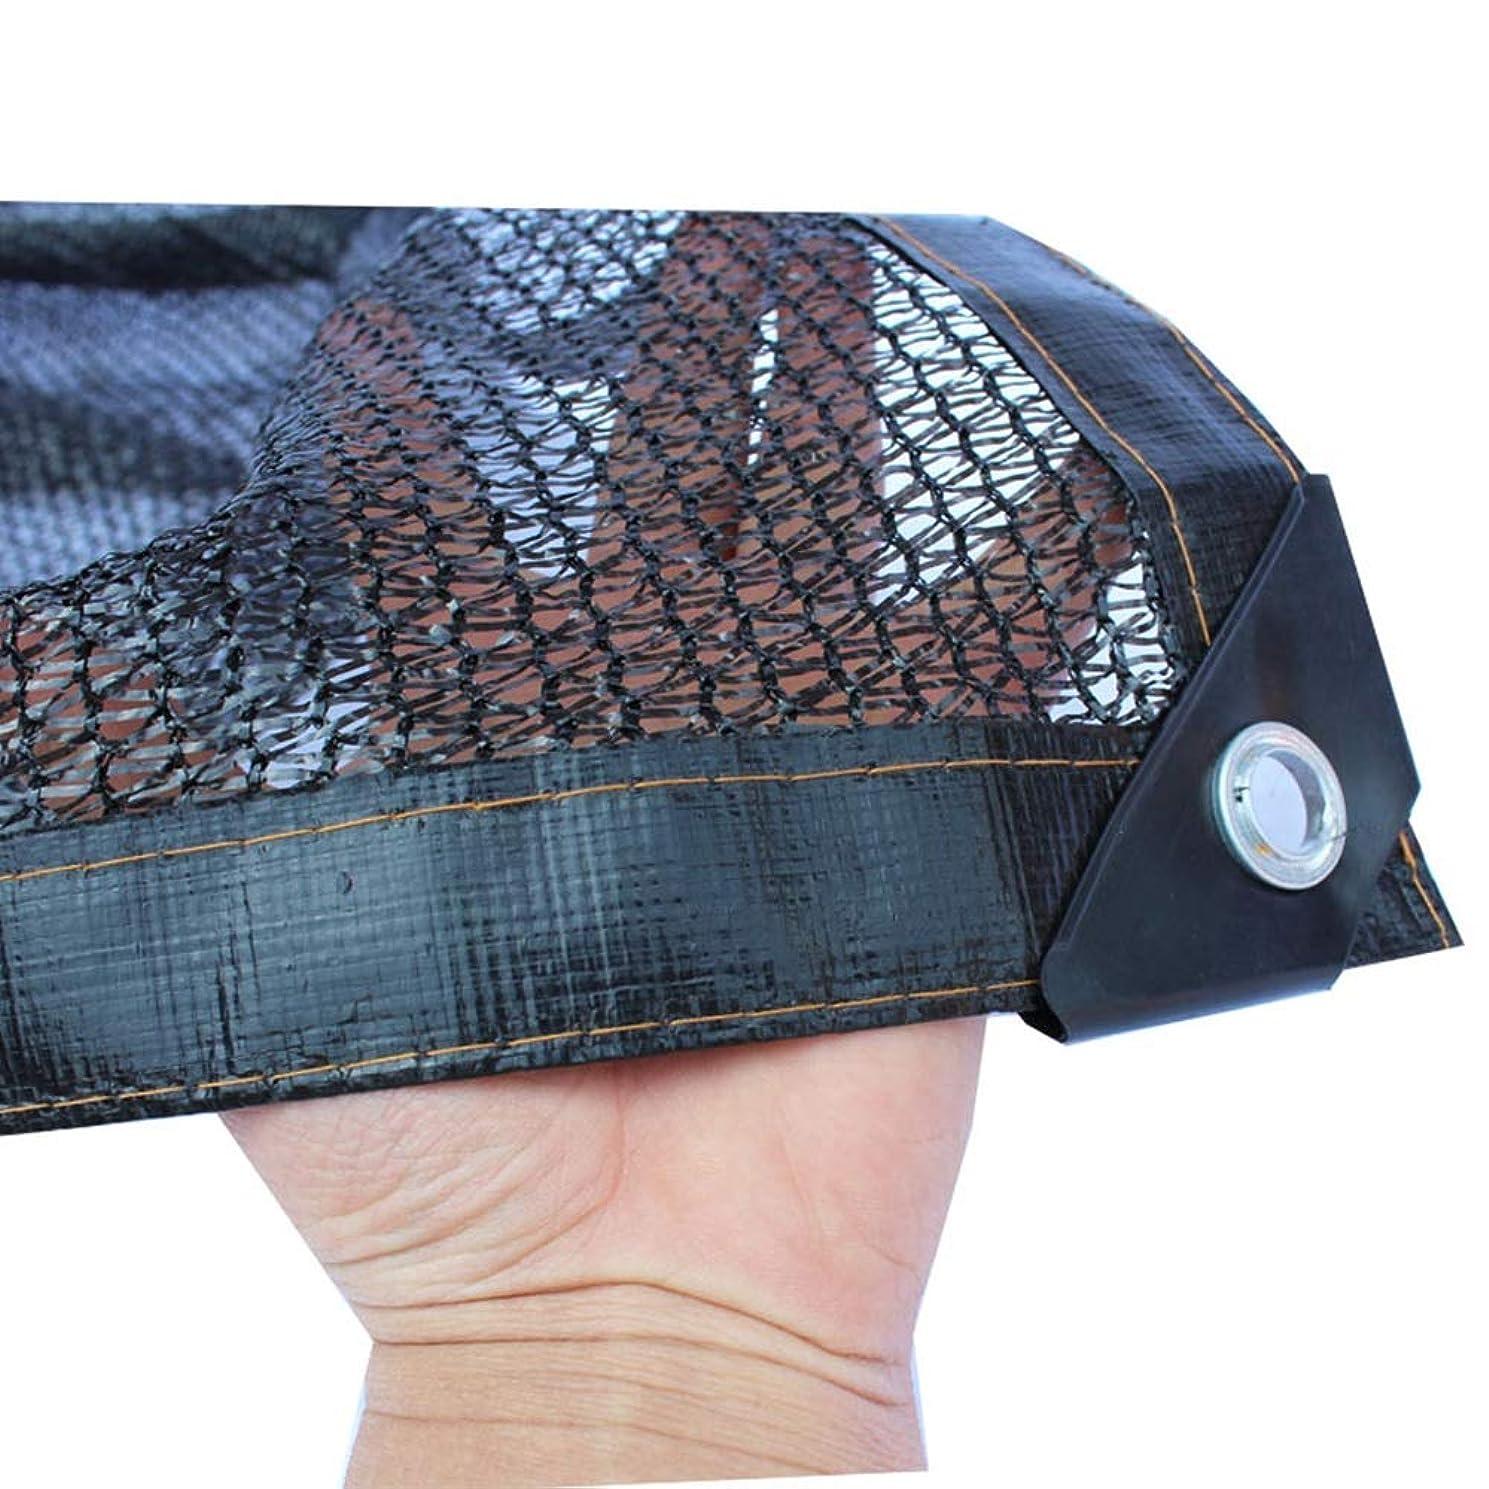 引き付ける感性隠すCHUNLAN 中庭 遮光ネット UV保護ネット ポリエチレン 遮光ネット サイズはカスタマイズ可能 防風と防塵 (Size : 4X5m)